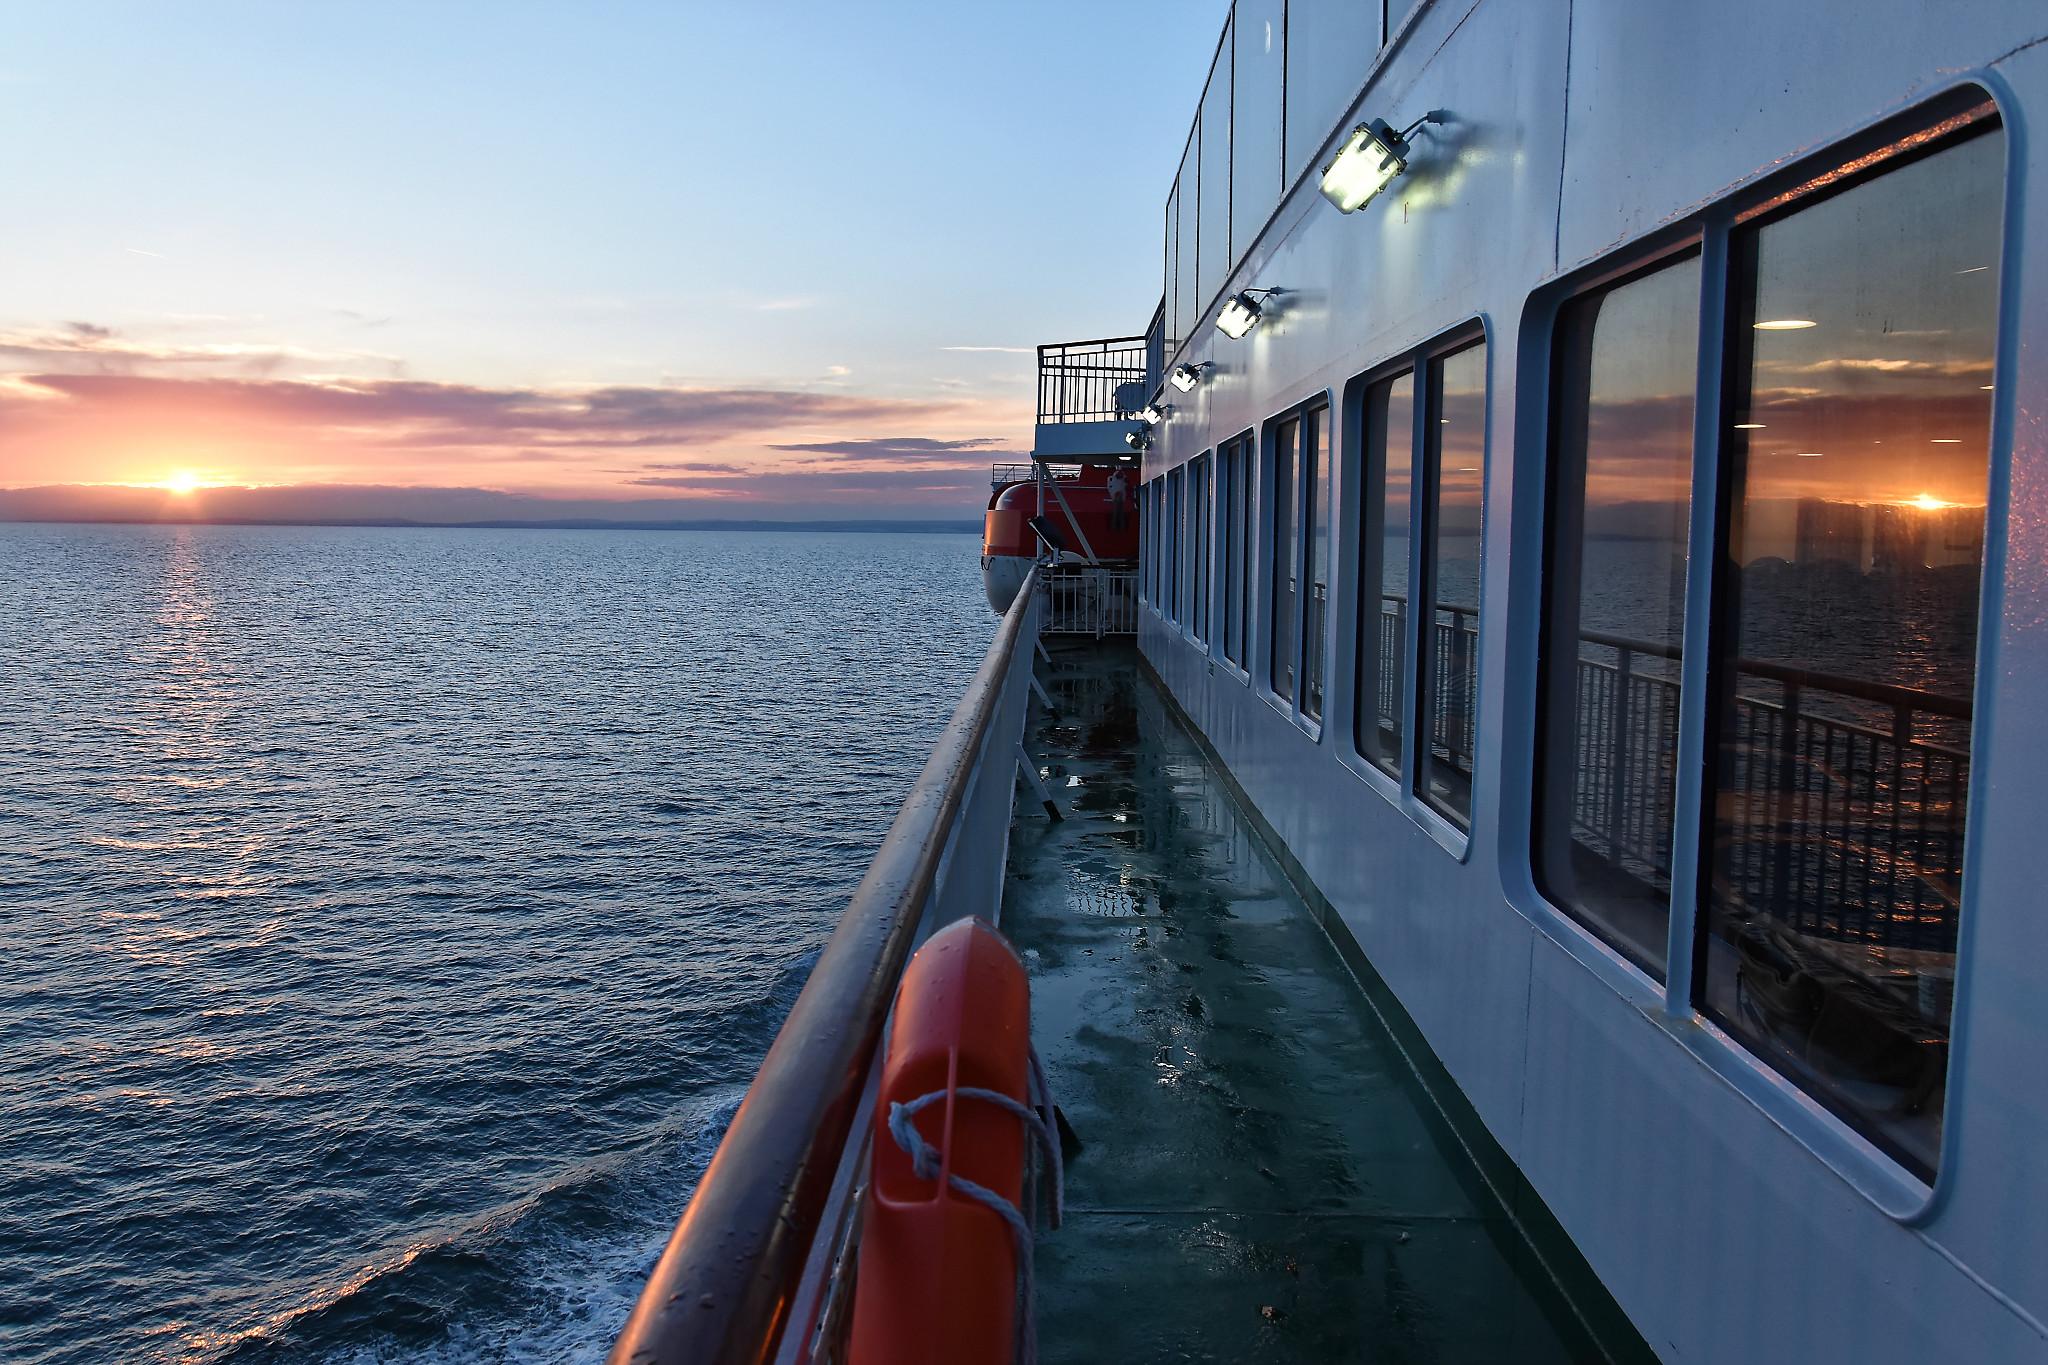 De Paris à Londres à vélo: traversée de la Manche en ferry